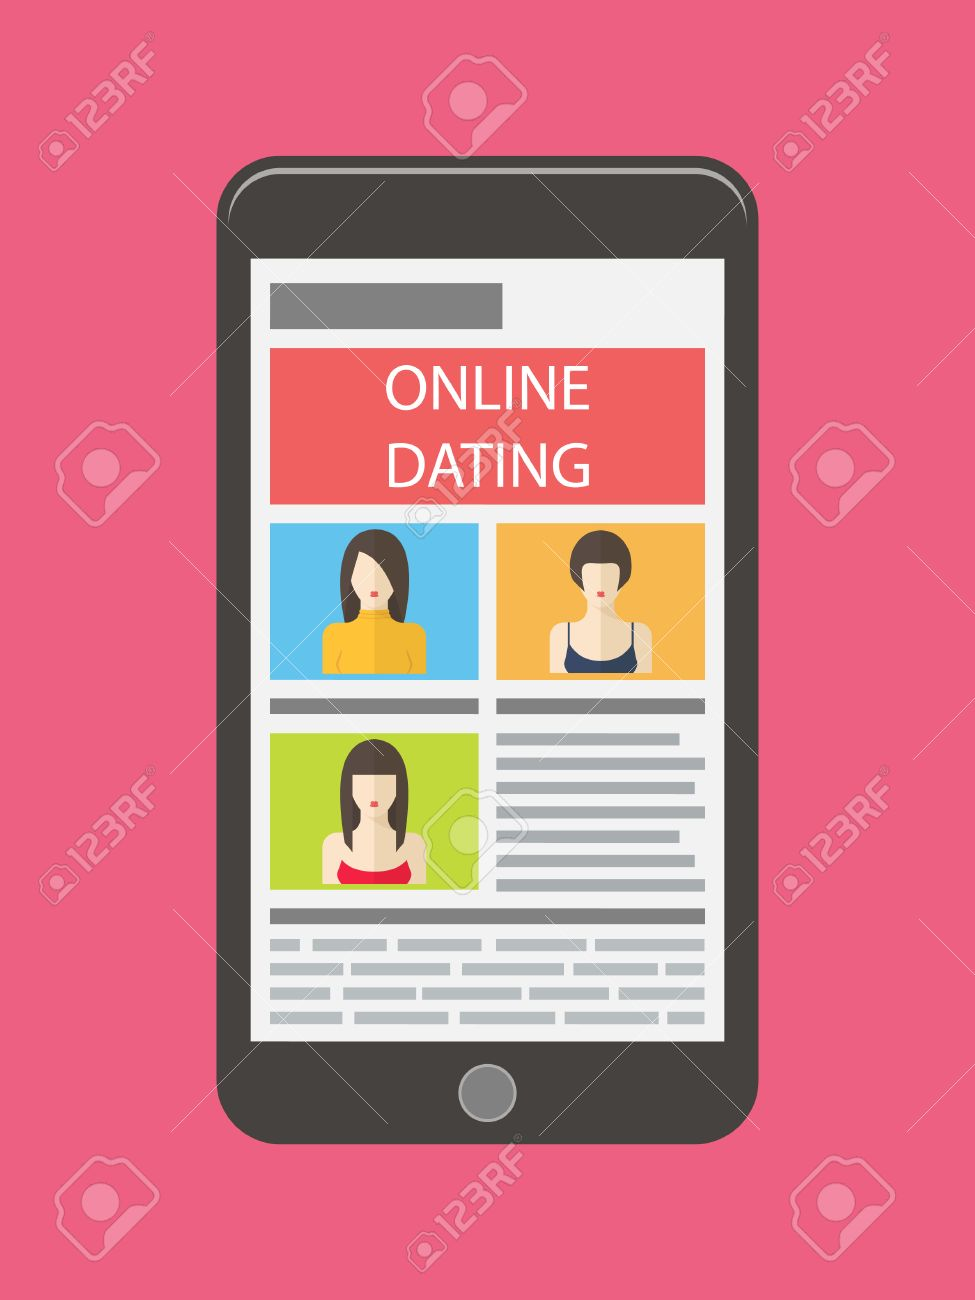 Tipps zum Chatten online dating